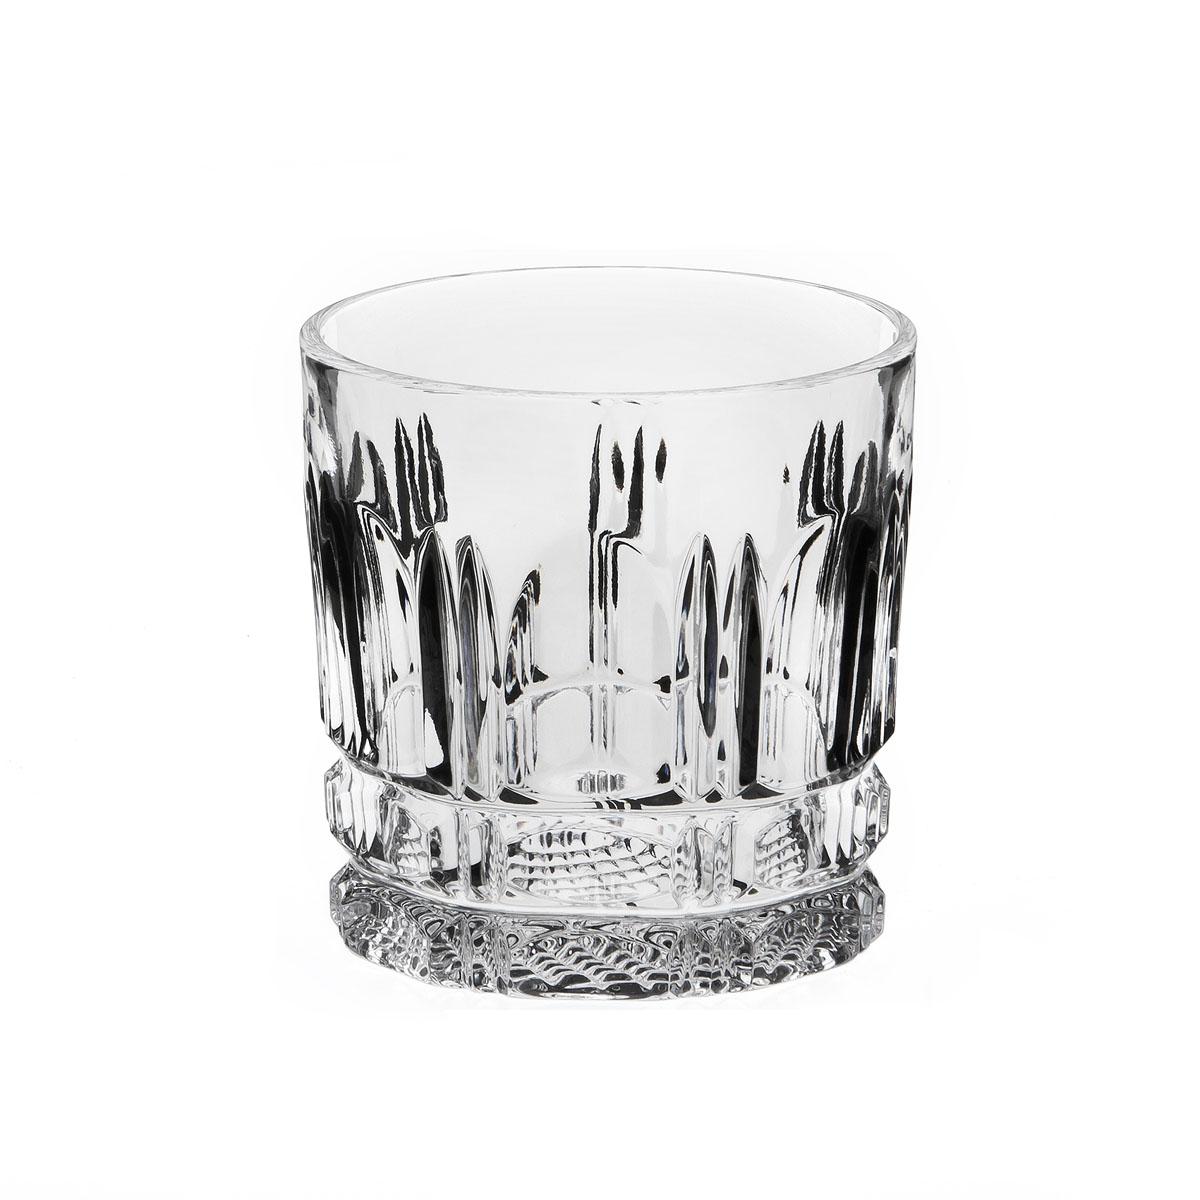 Стакан Дятьковский хрусталь Пилястра, с кольцом, 190 млС878/4Хрустальные стаканы - красивое и простое решение для украшения праздничного стола. Стаканы из хрусталя универсальны, они подойдут и для алкогольных напитков - вина, шампанского, и для освежающих - минеральной воды, компота или сока. Если в вашей домашней коллекции еще нет предметов хрустальной посуды, купить хрустальные стаканы стоит обязательно.